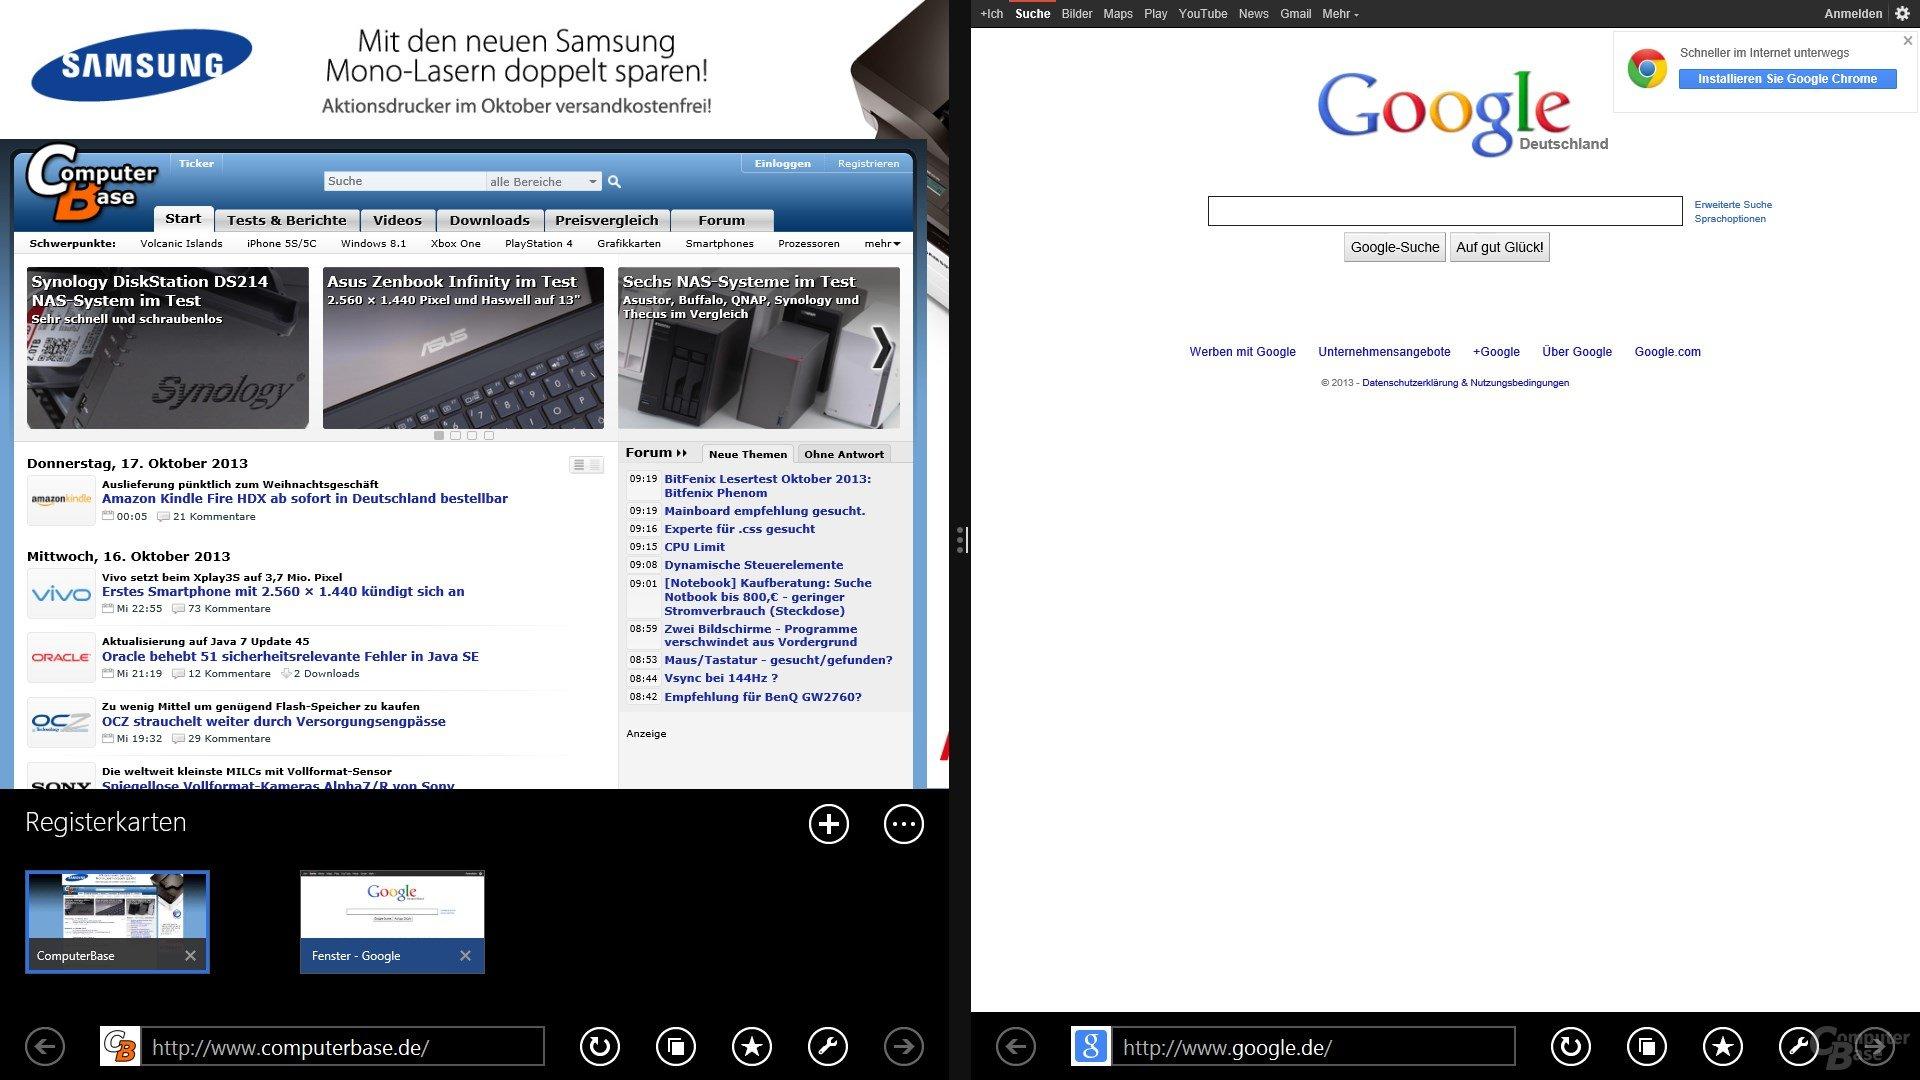 Internet Explorer 11 – Snap View für Tabs